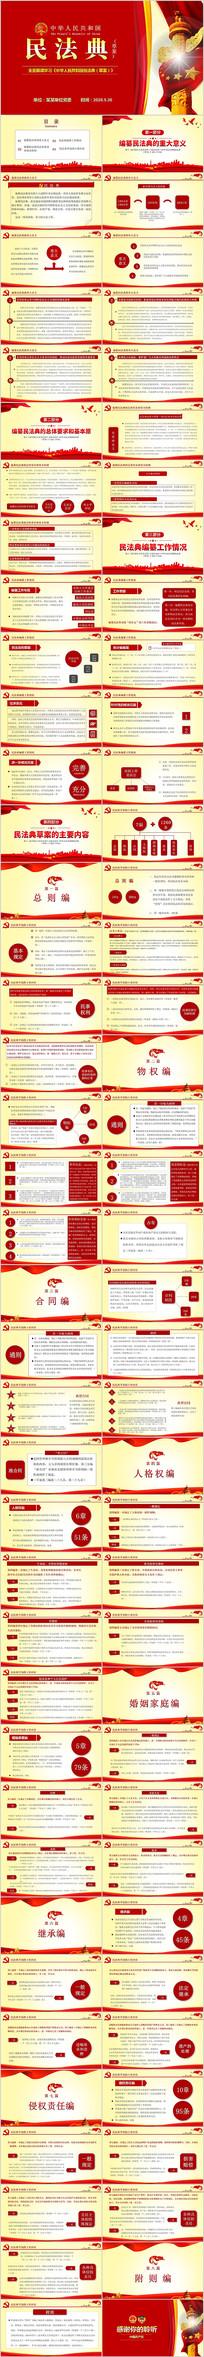 中华人民共和国民法典PPT模板